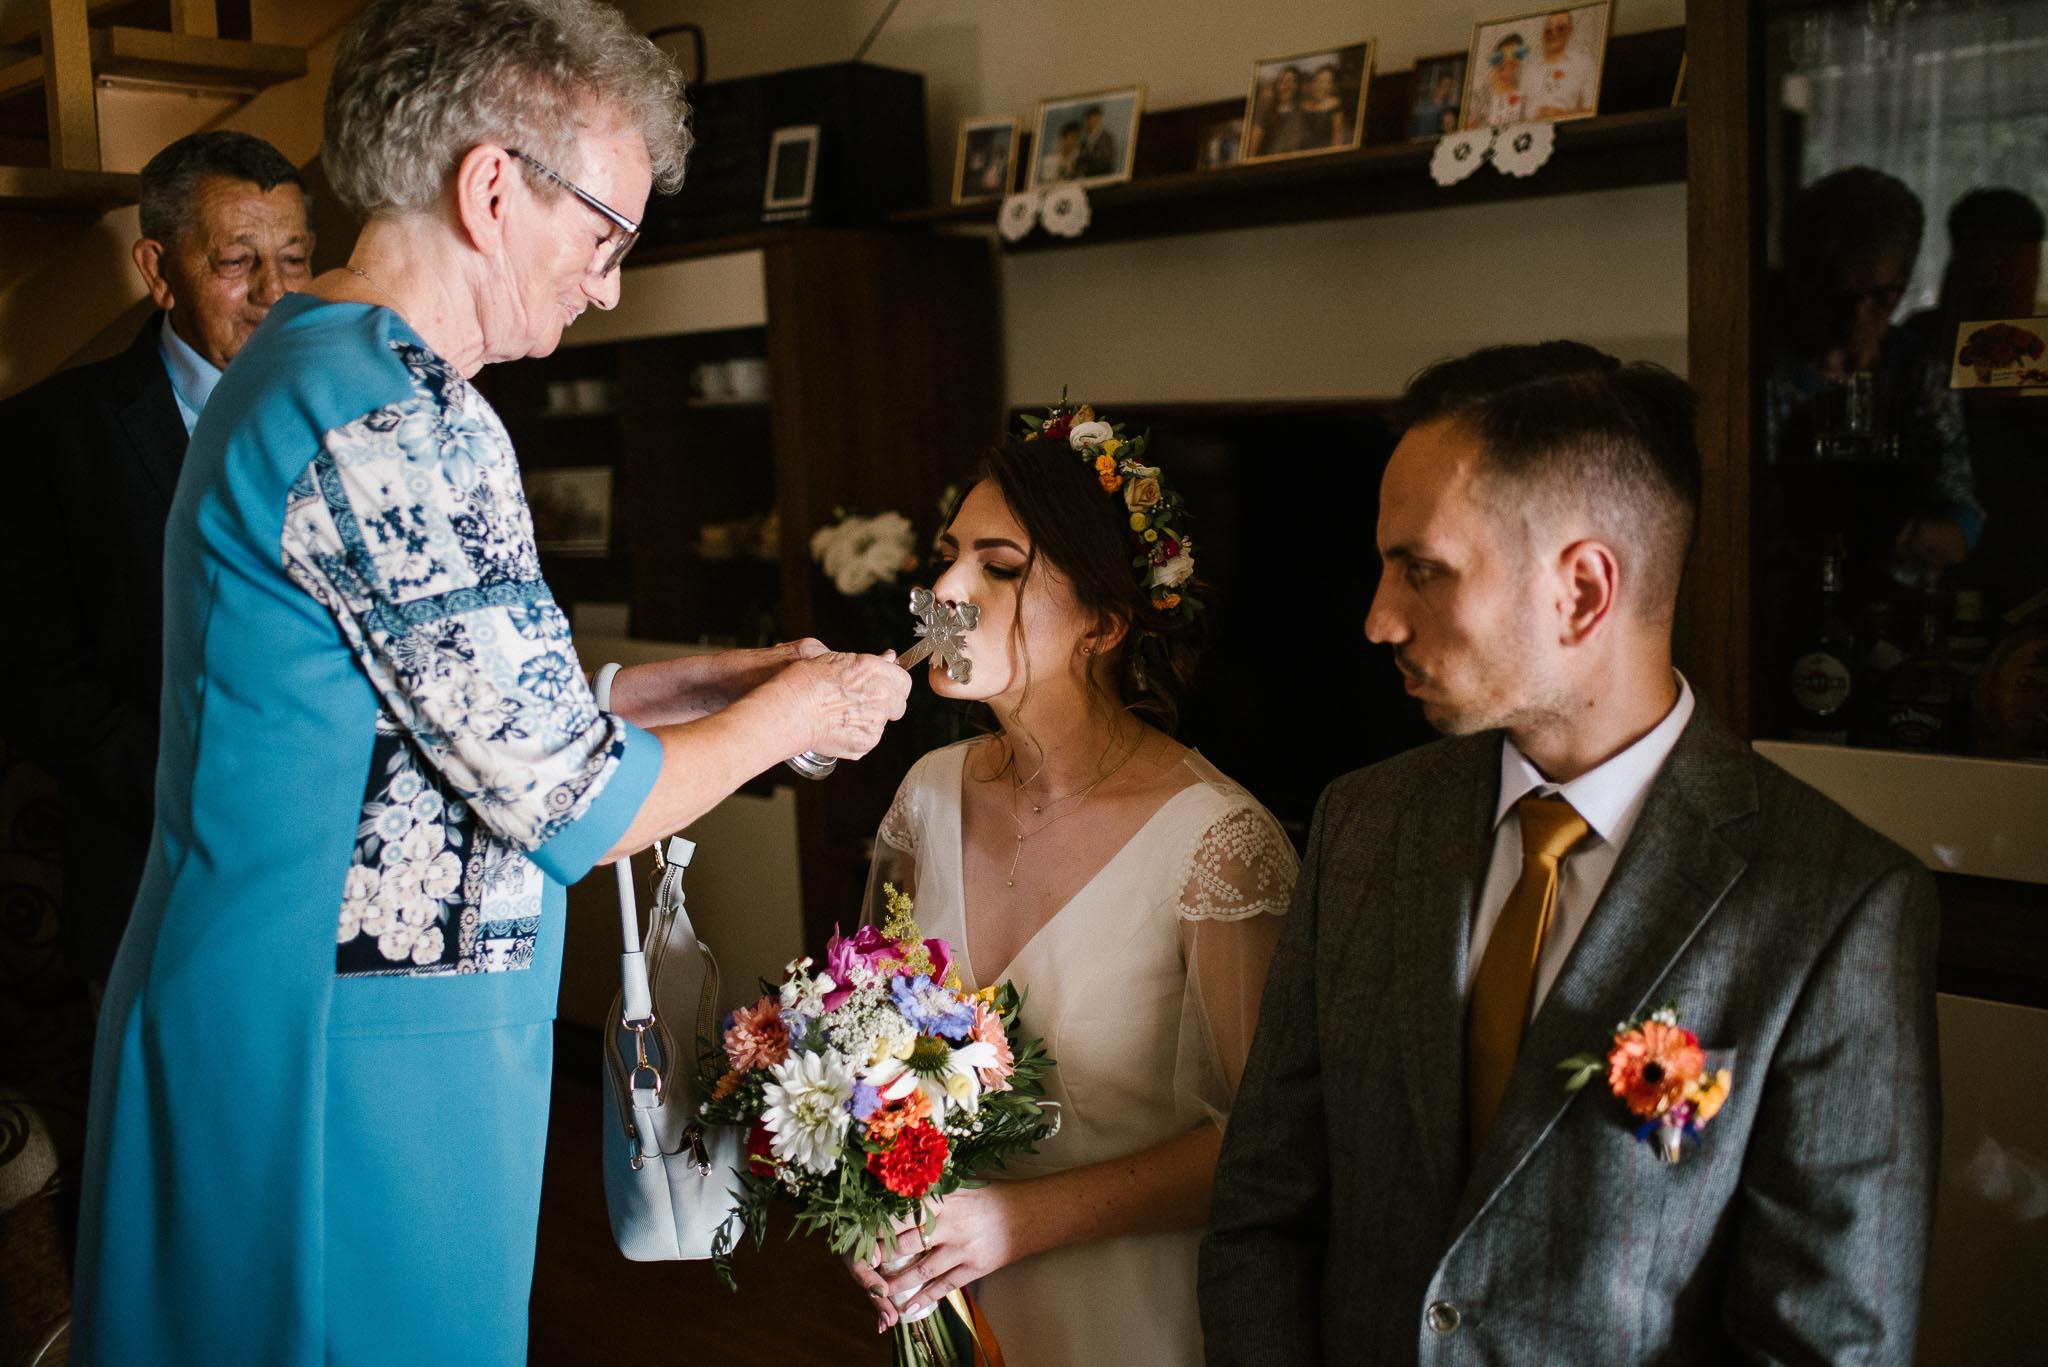 Panna młoda i pan młody podczas błogosławieństwa rodziców - ślub w stodole Dyrkowo